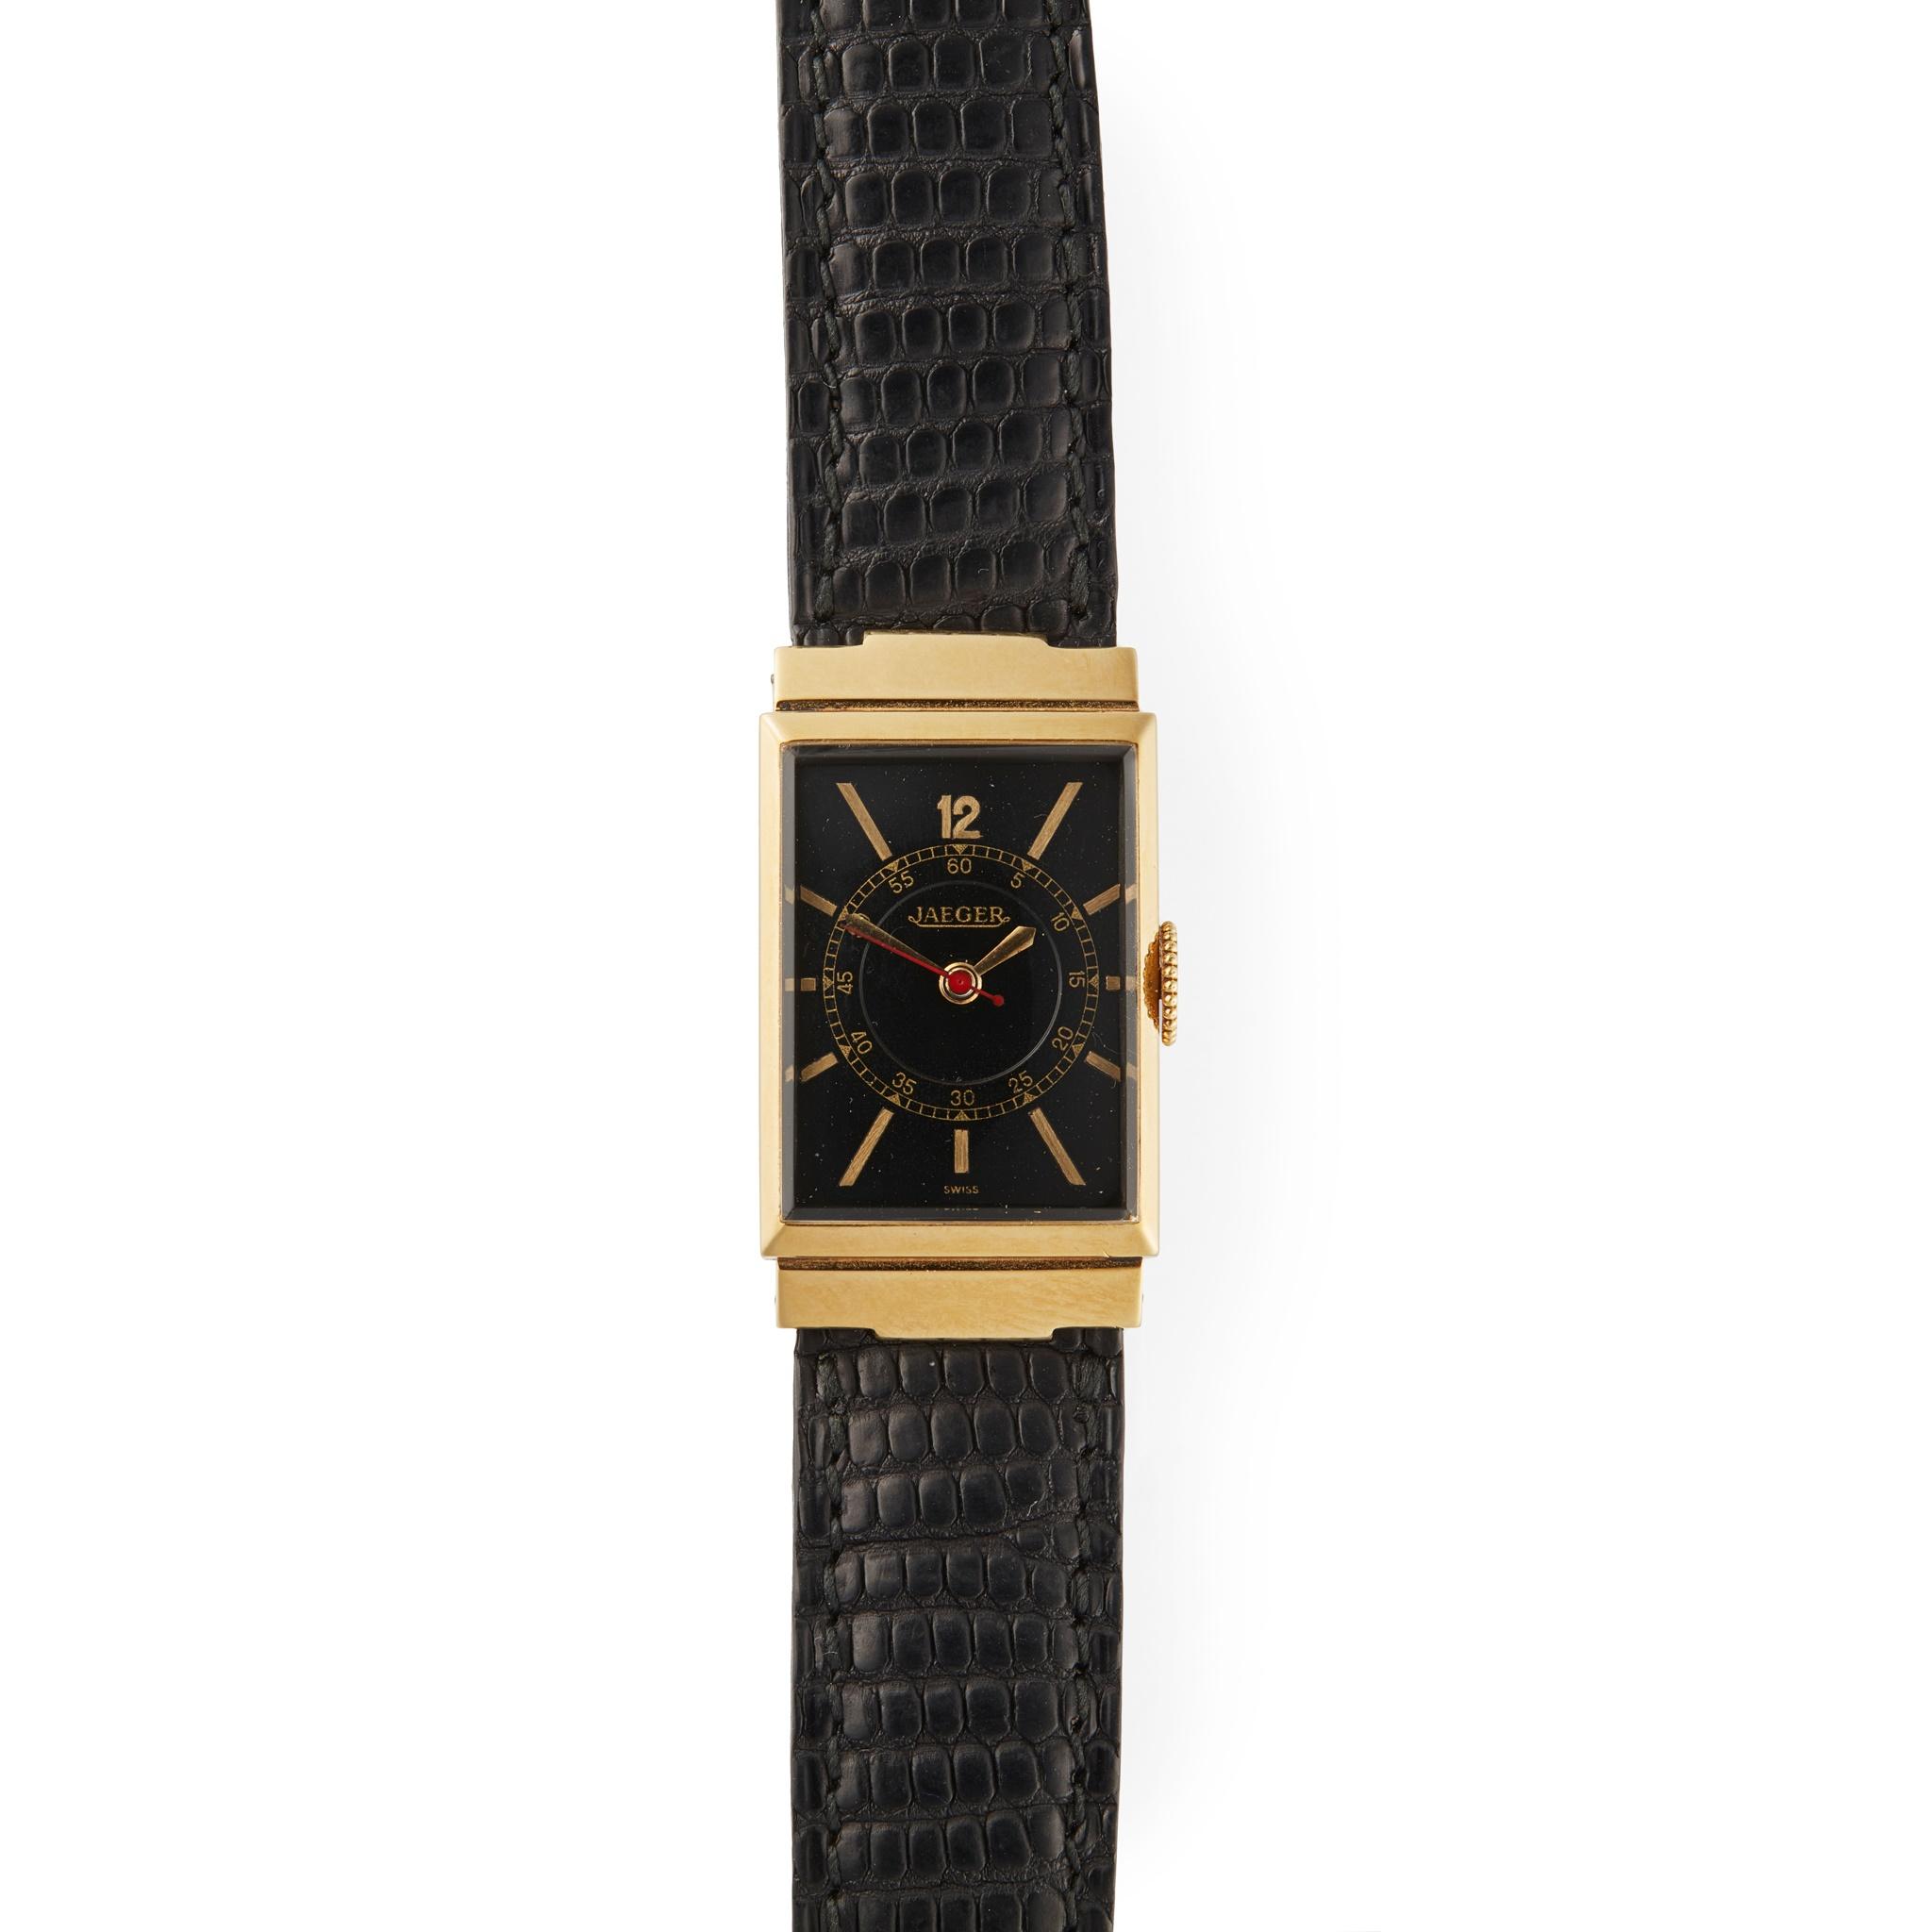 Jaeger-LeCoultre: a gentleman's gold wrist watch